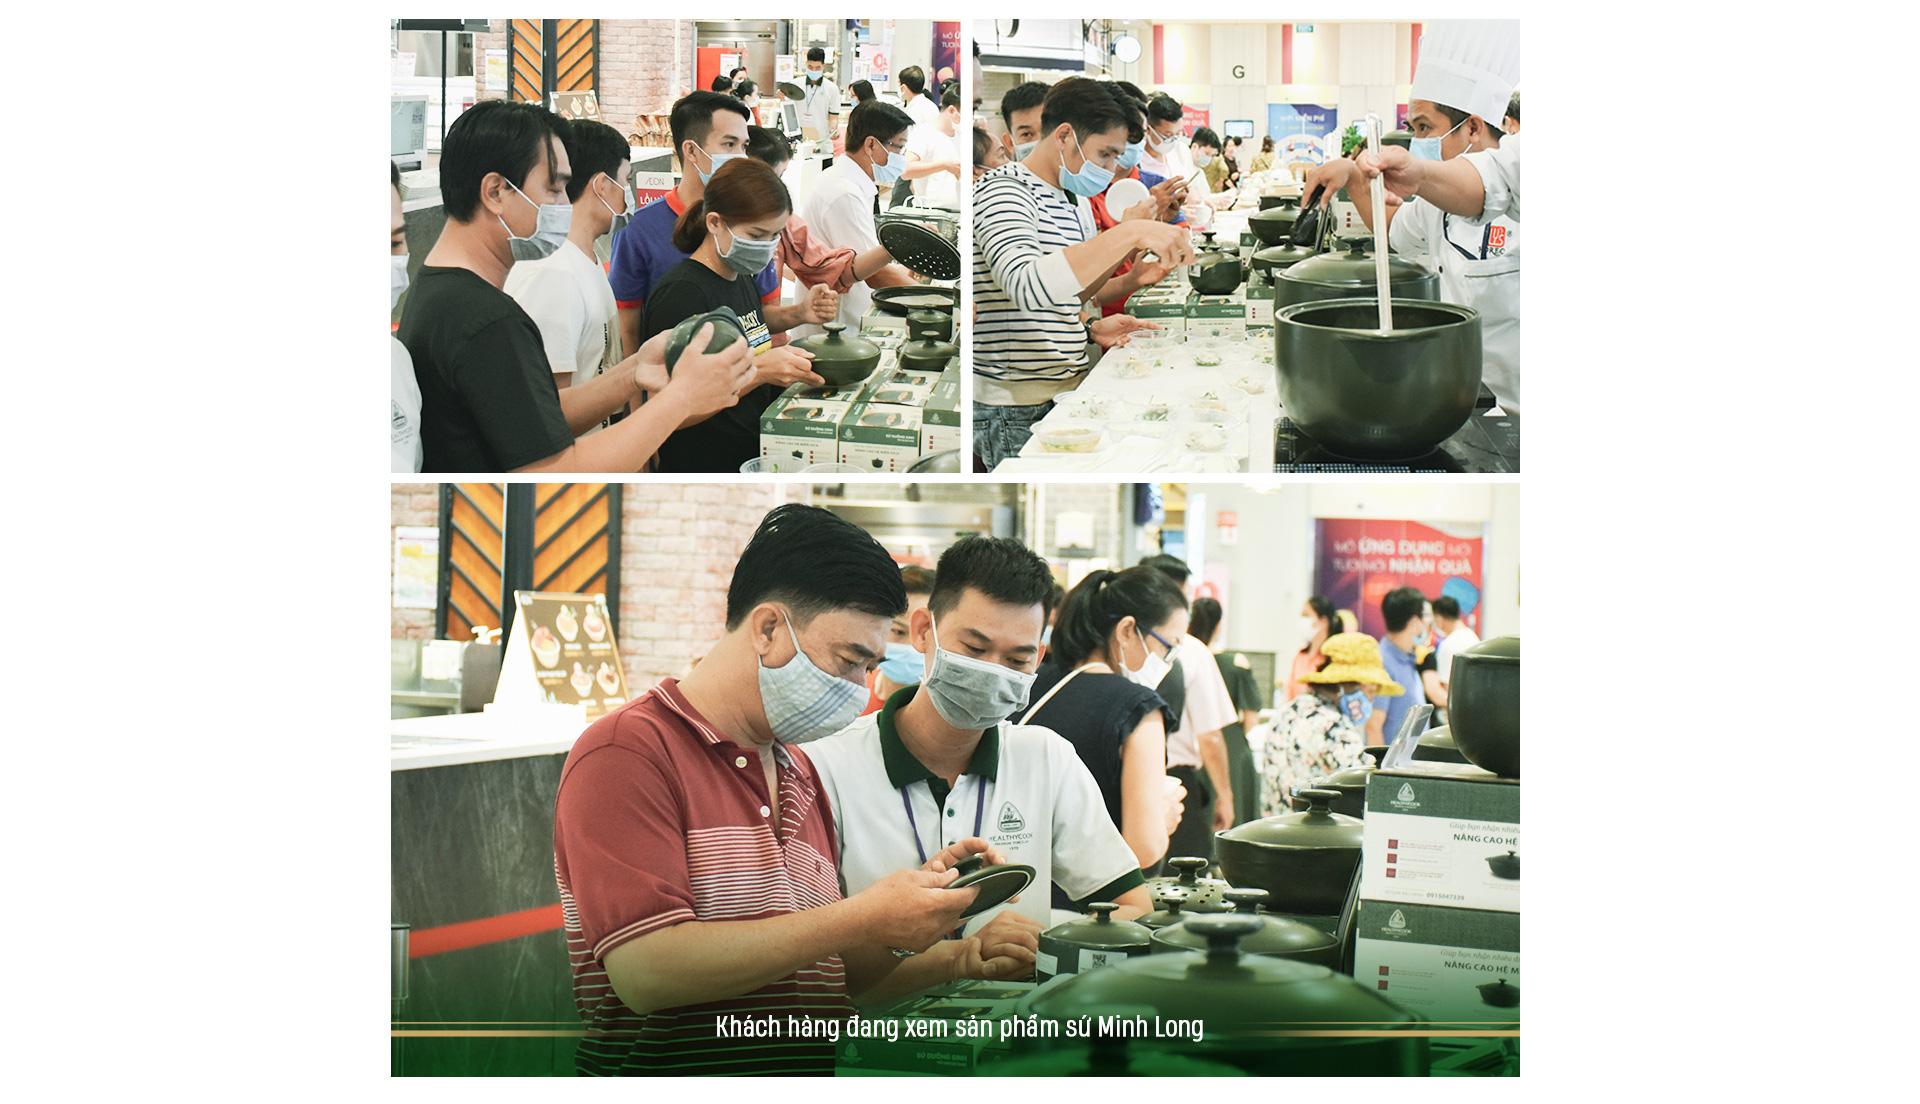 Ba năm sứ dưỡng sinh đồng hành cùng căn bếp Việt - Ảnh 9.